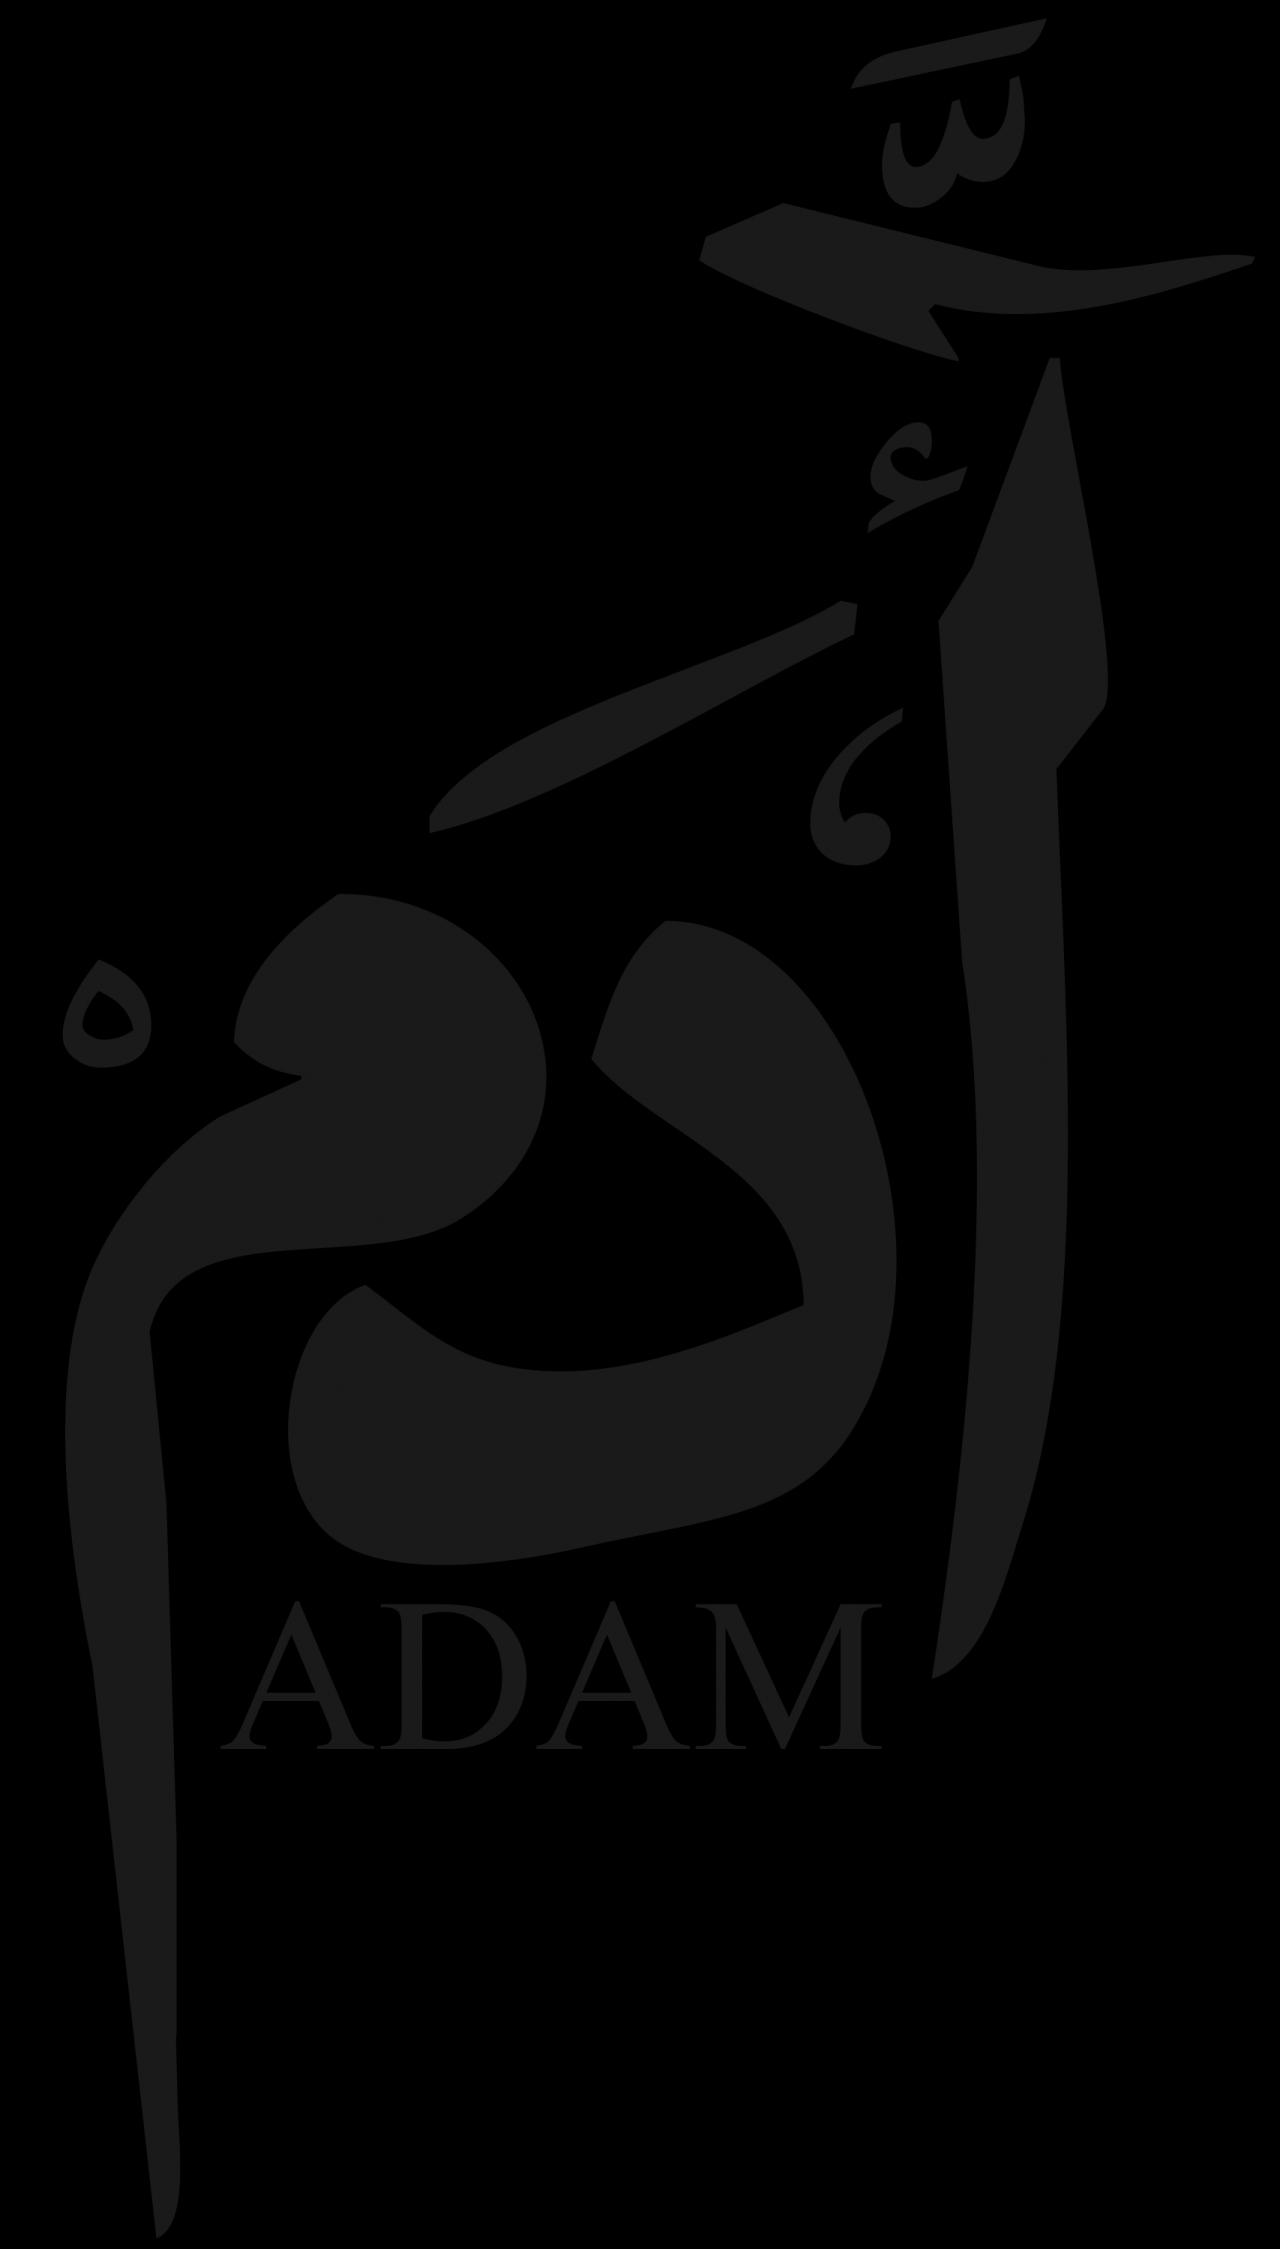 صورة خلفيات مكتوب عليها اسماء اولاد , اجمل صور اسماء ولاد